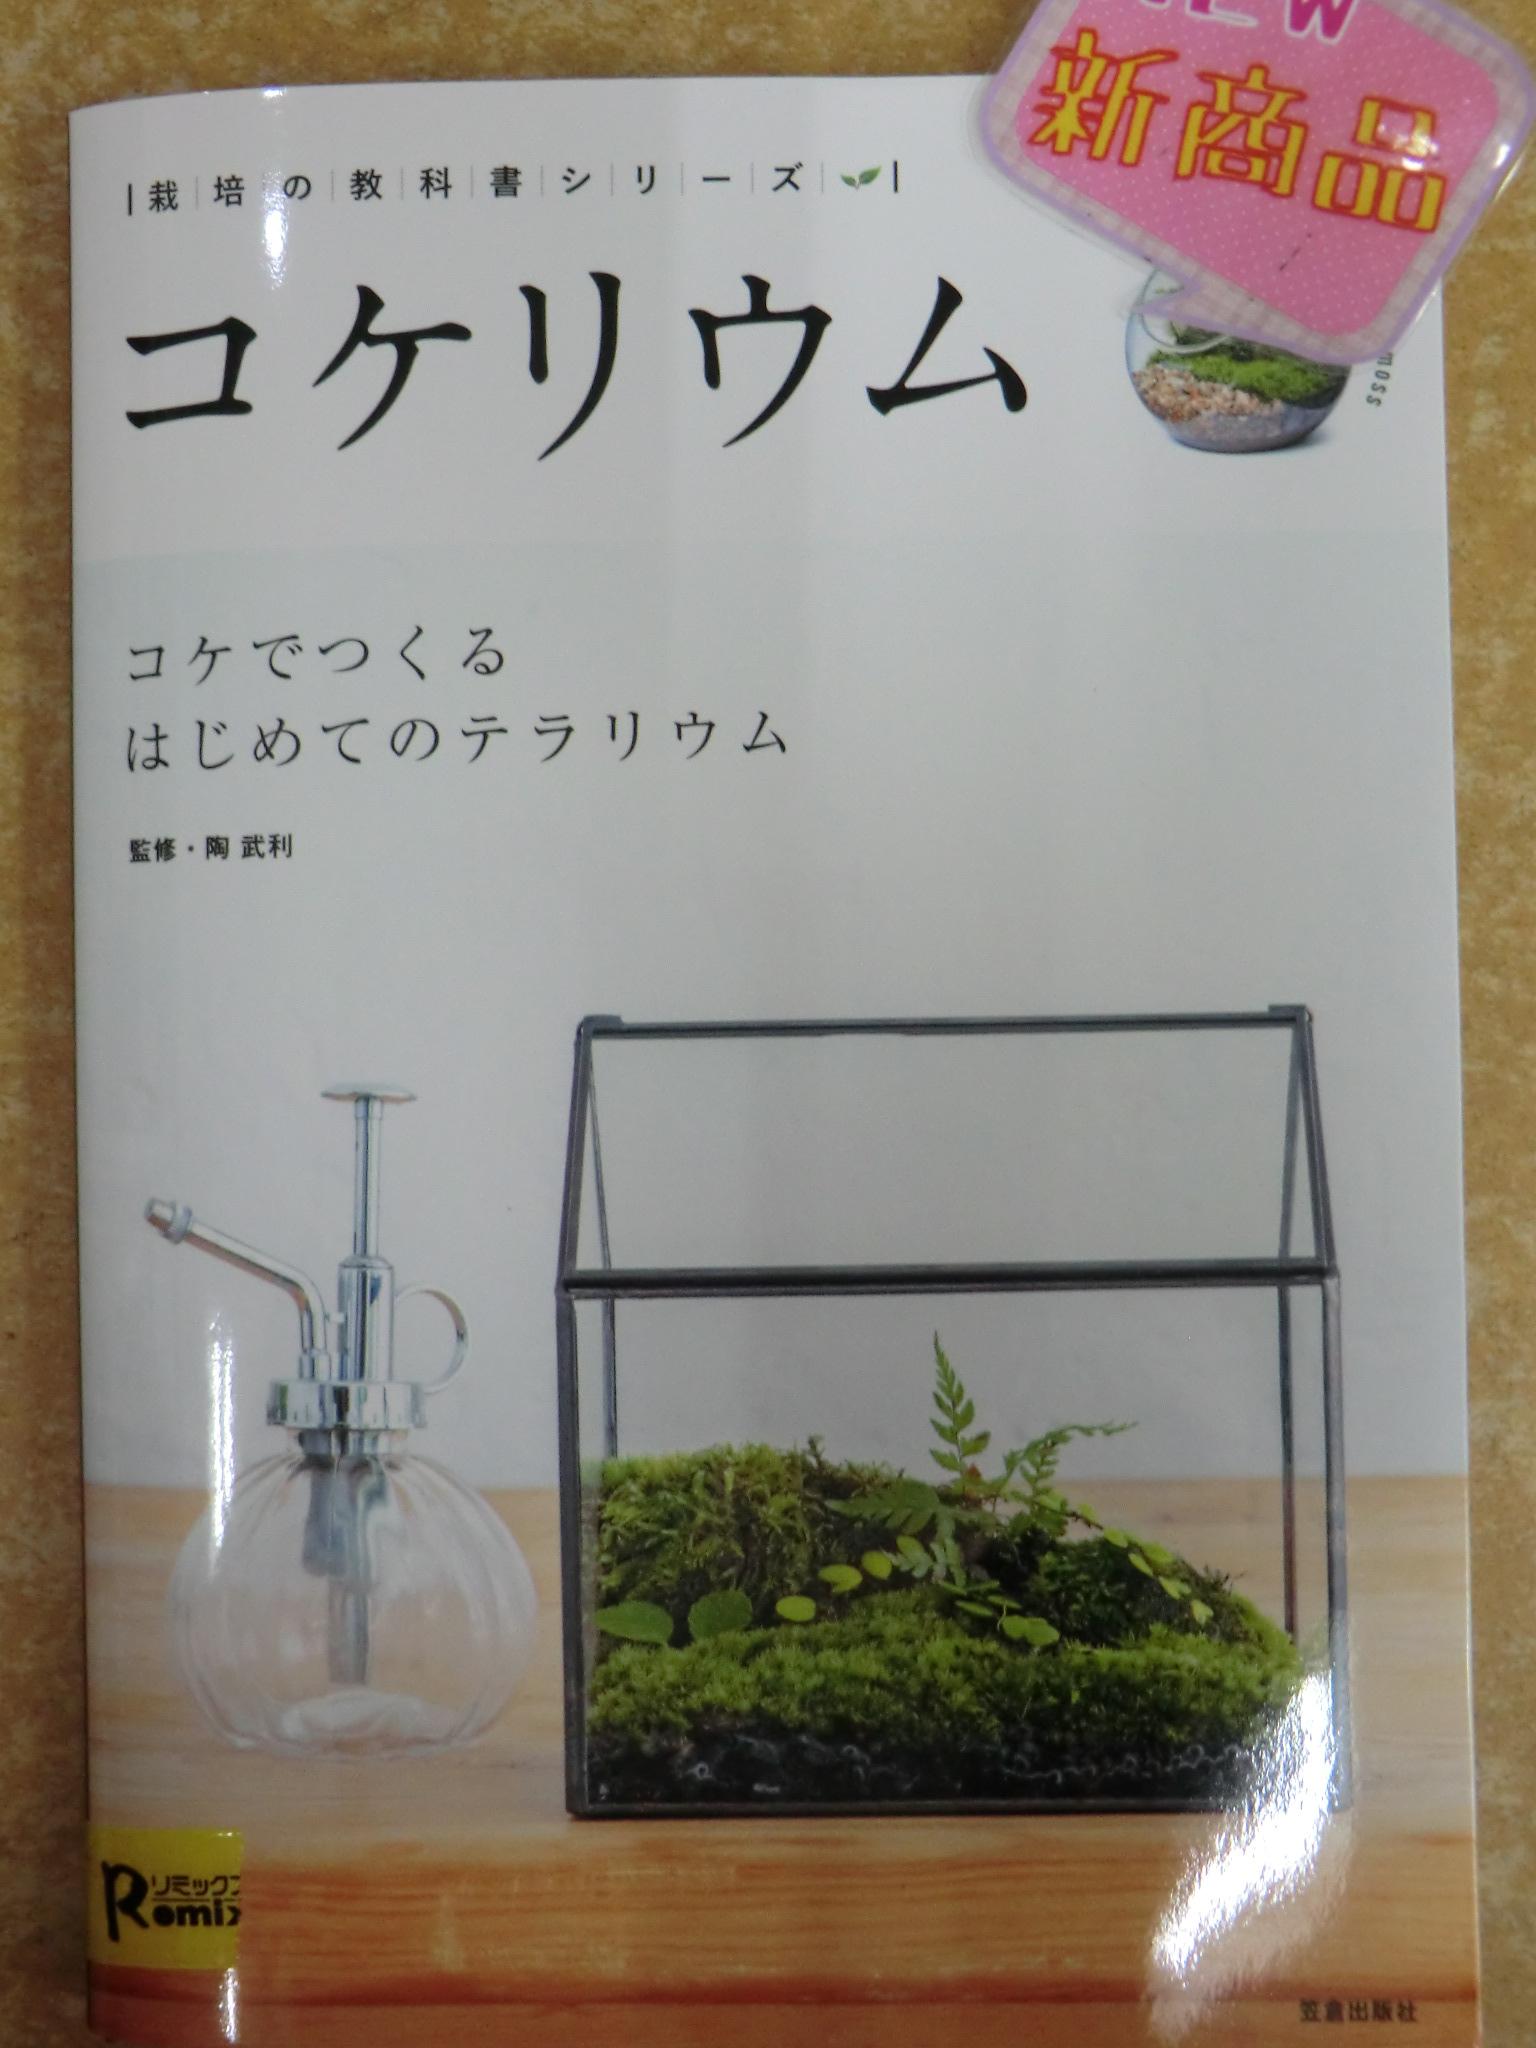 ☆書籍新刊入荷しました☆